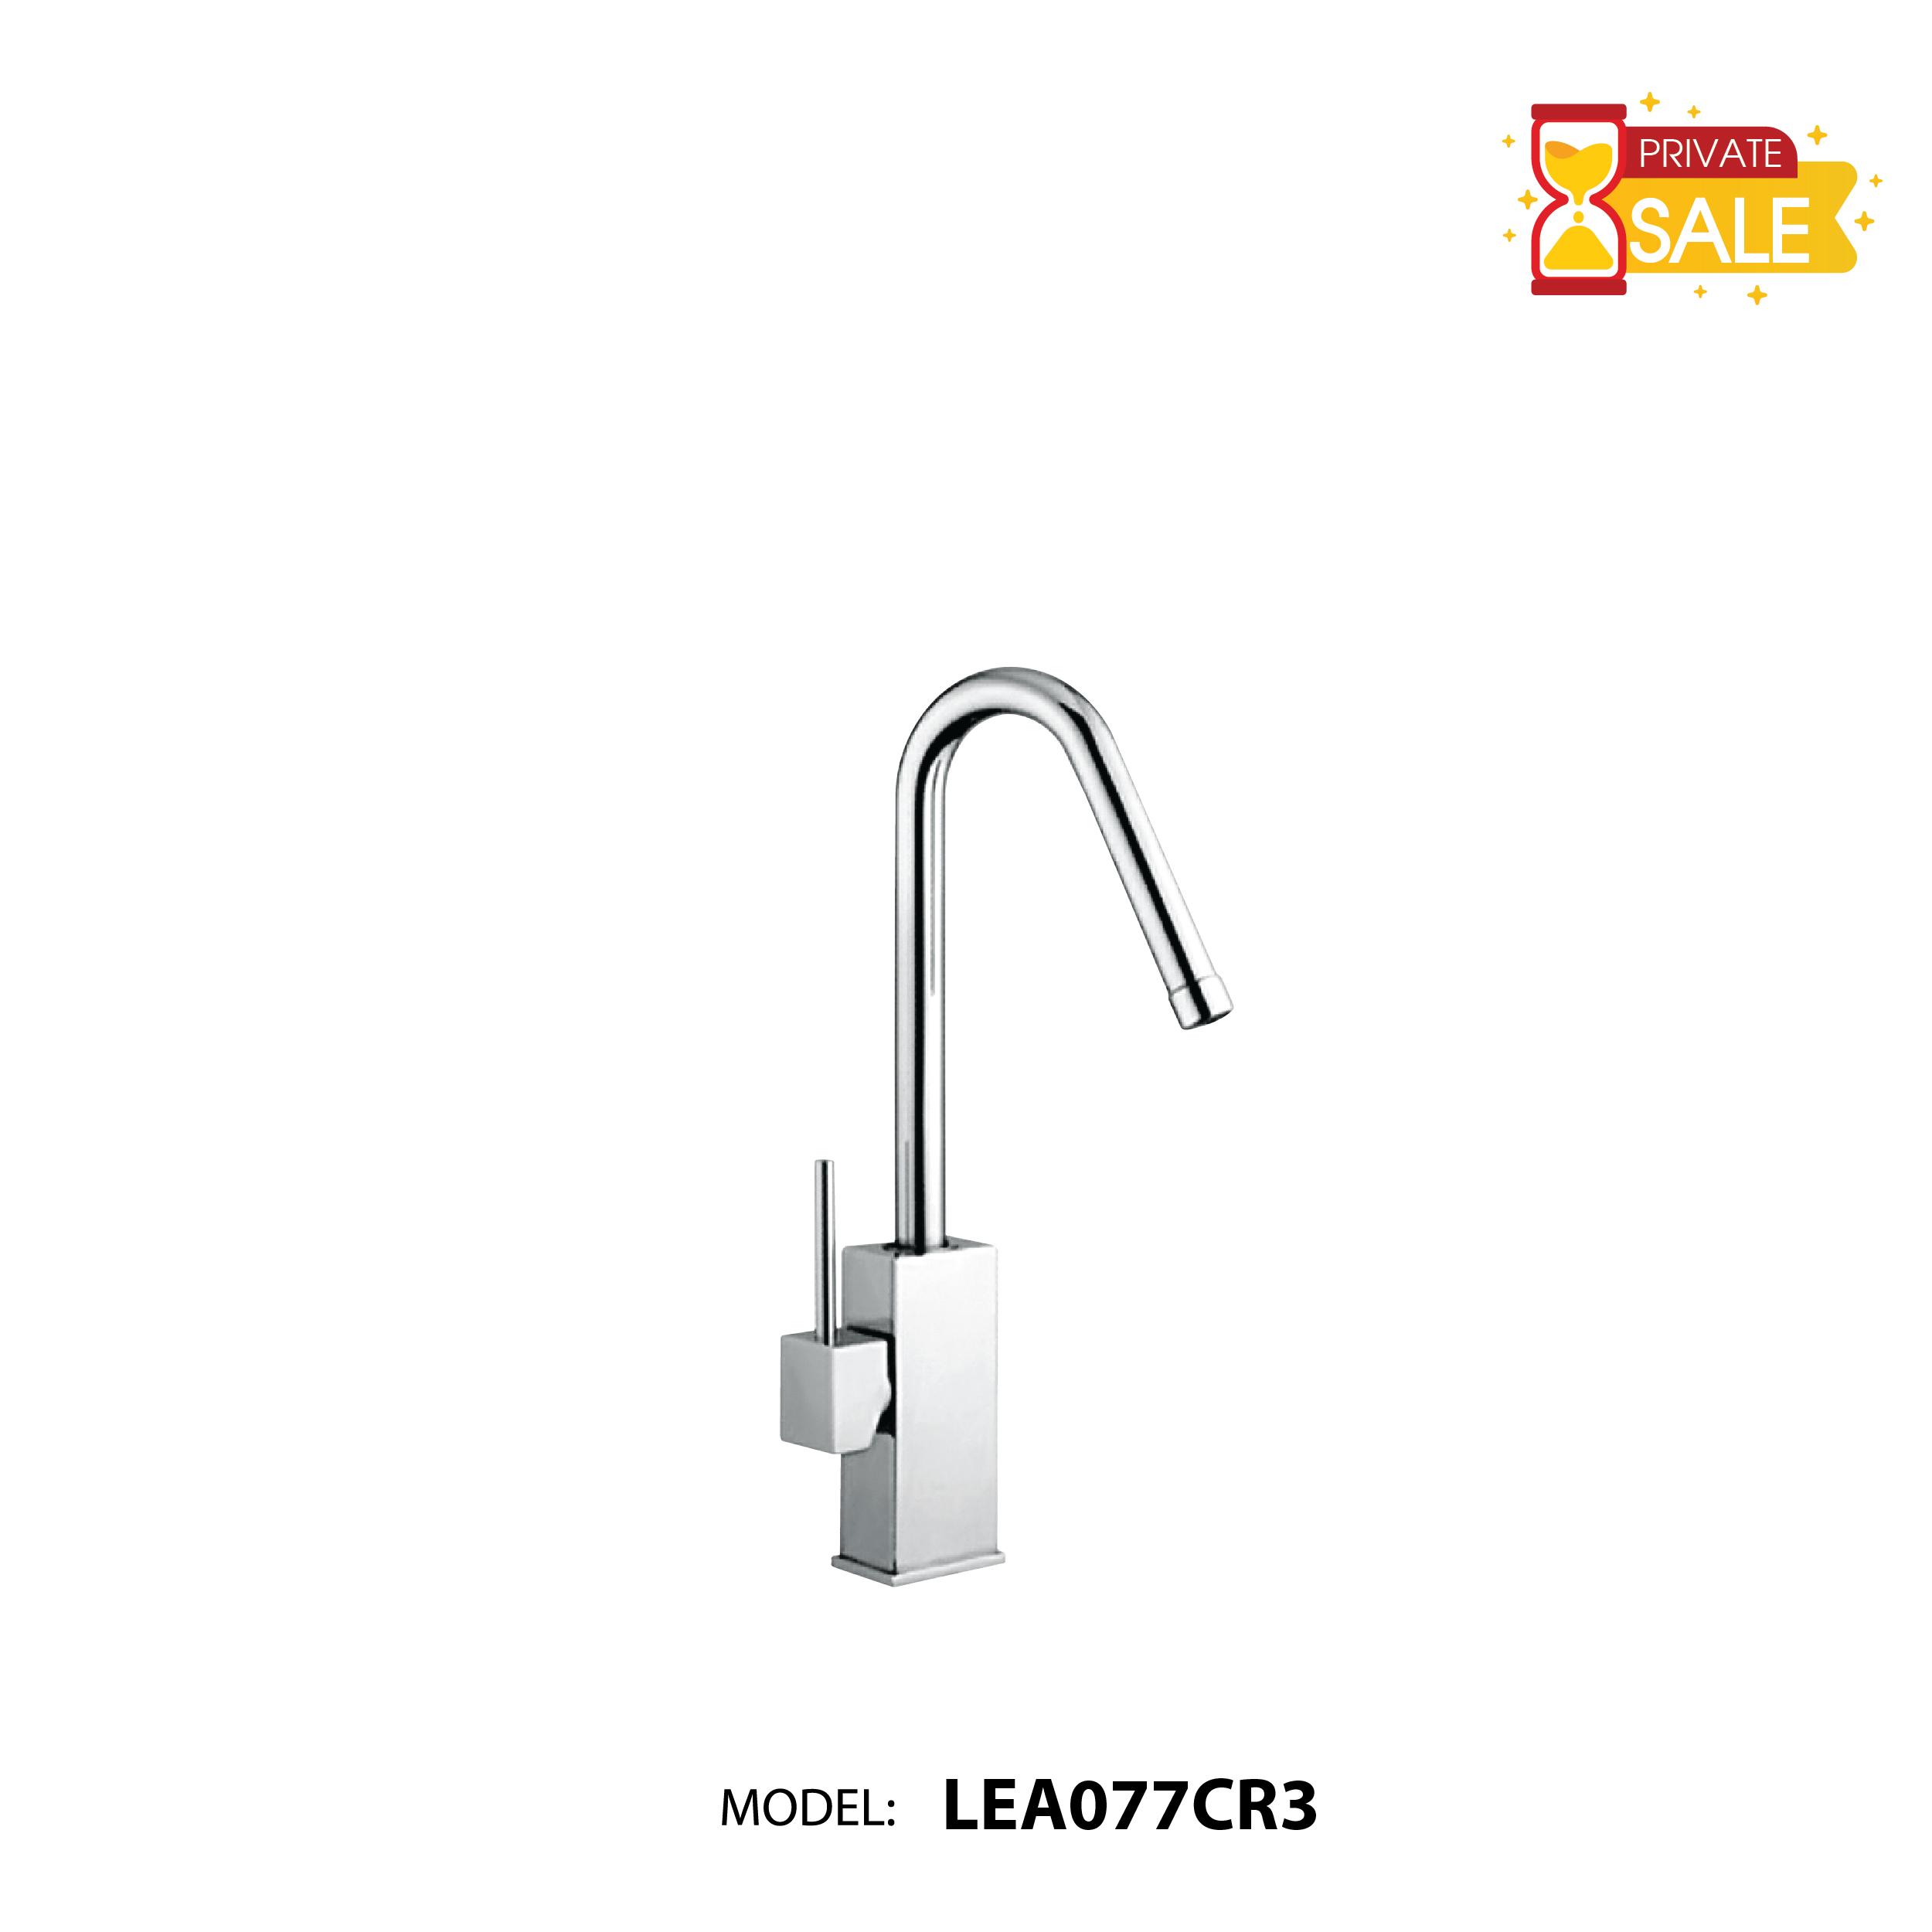 VÒI CHẬU NÓNG LẠNH PAFFONI LEA077CR3 (Vòi lavabo model: LEA077CR3)